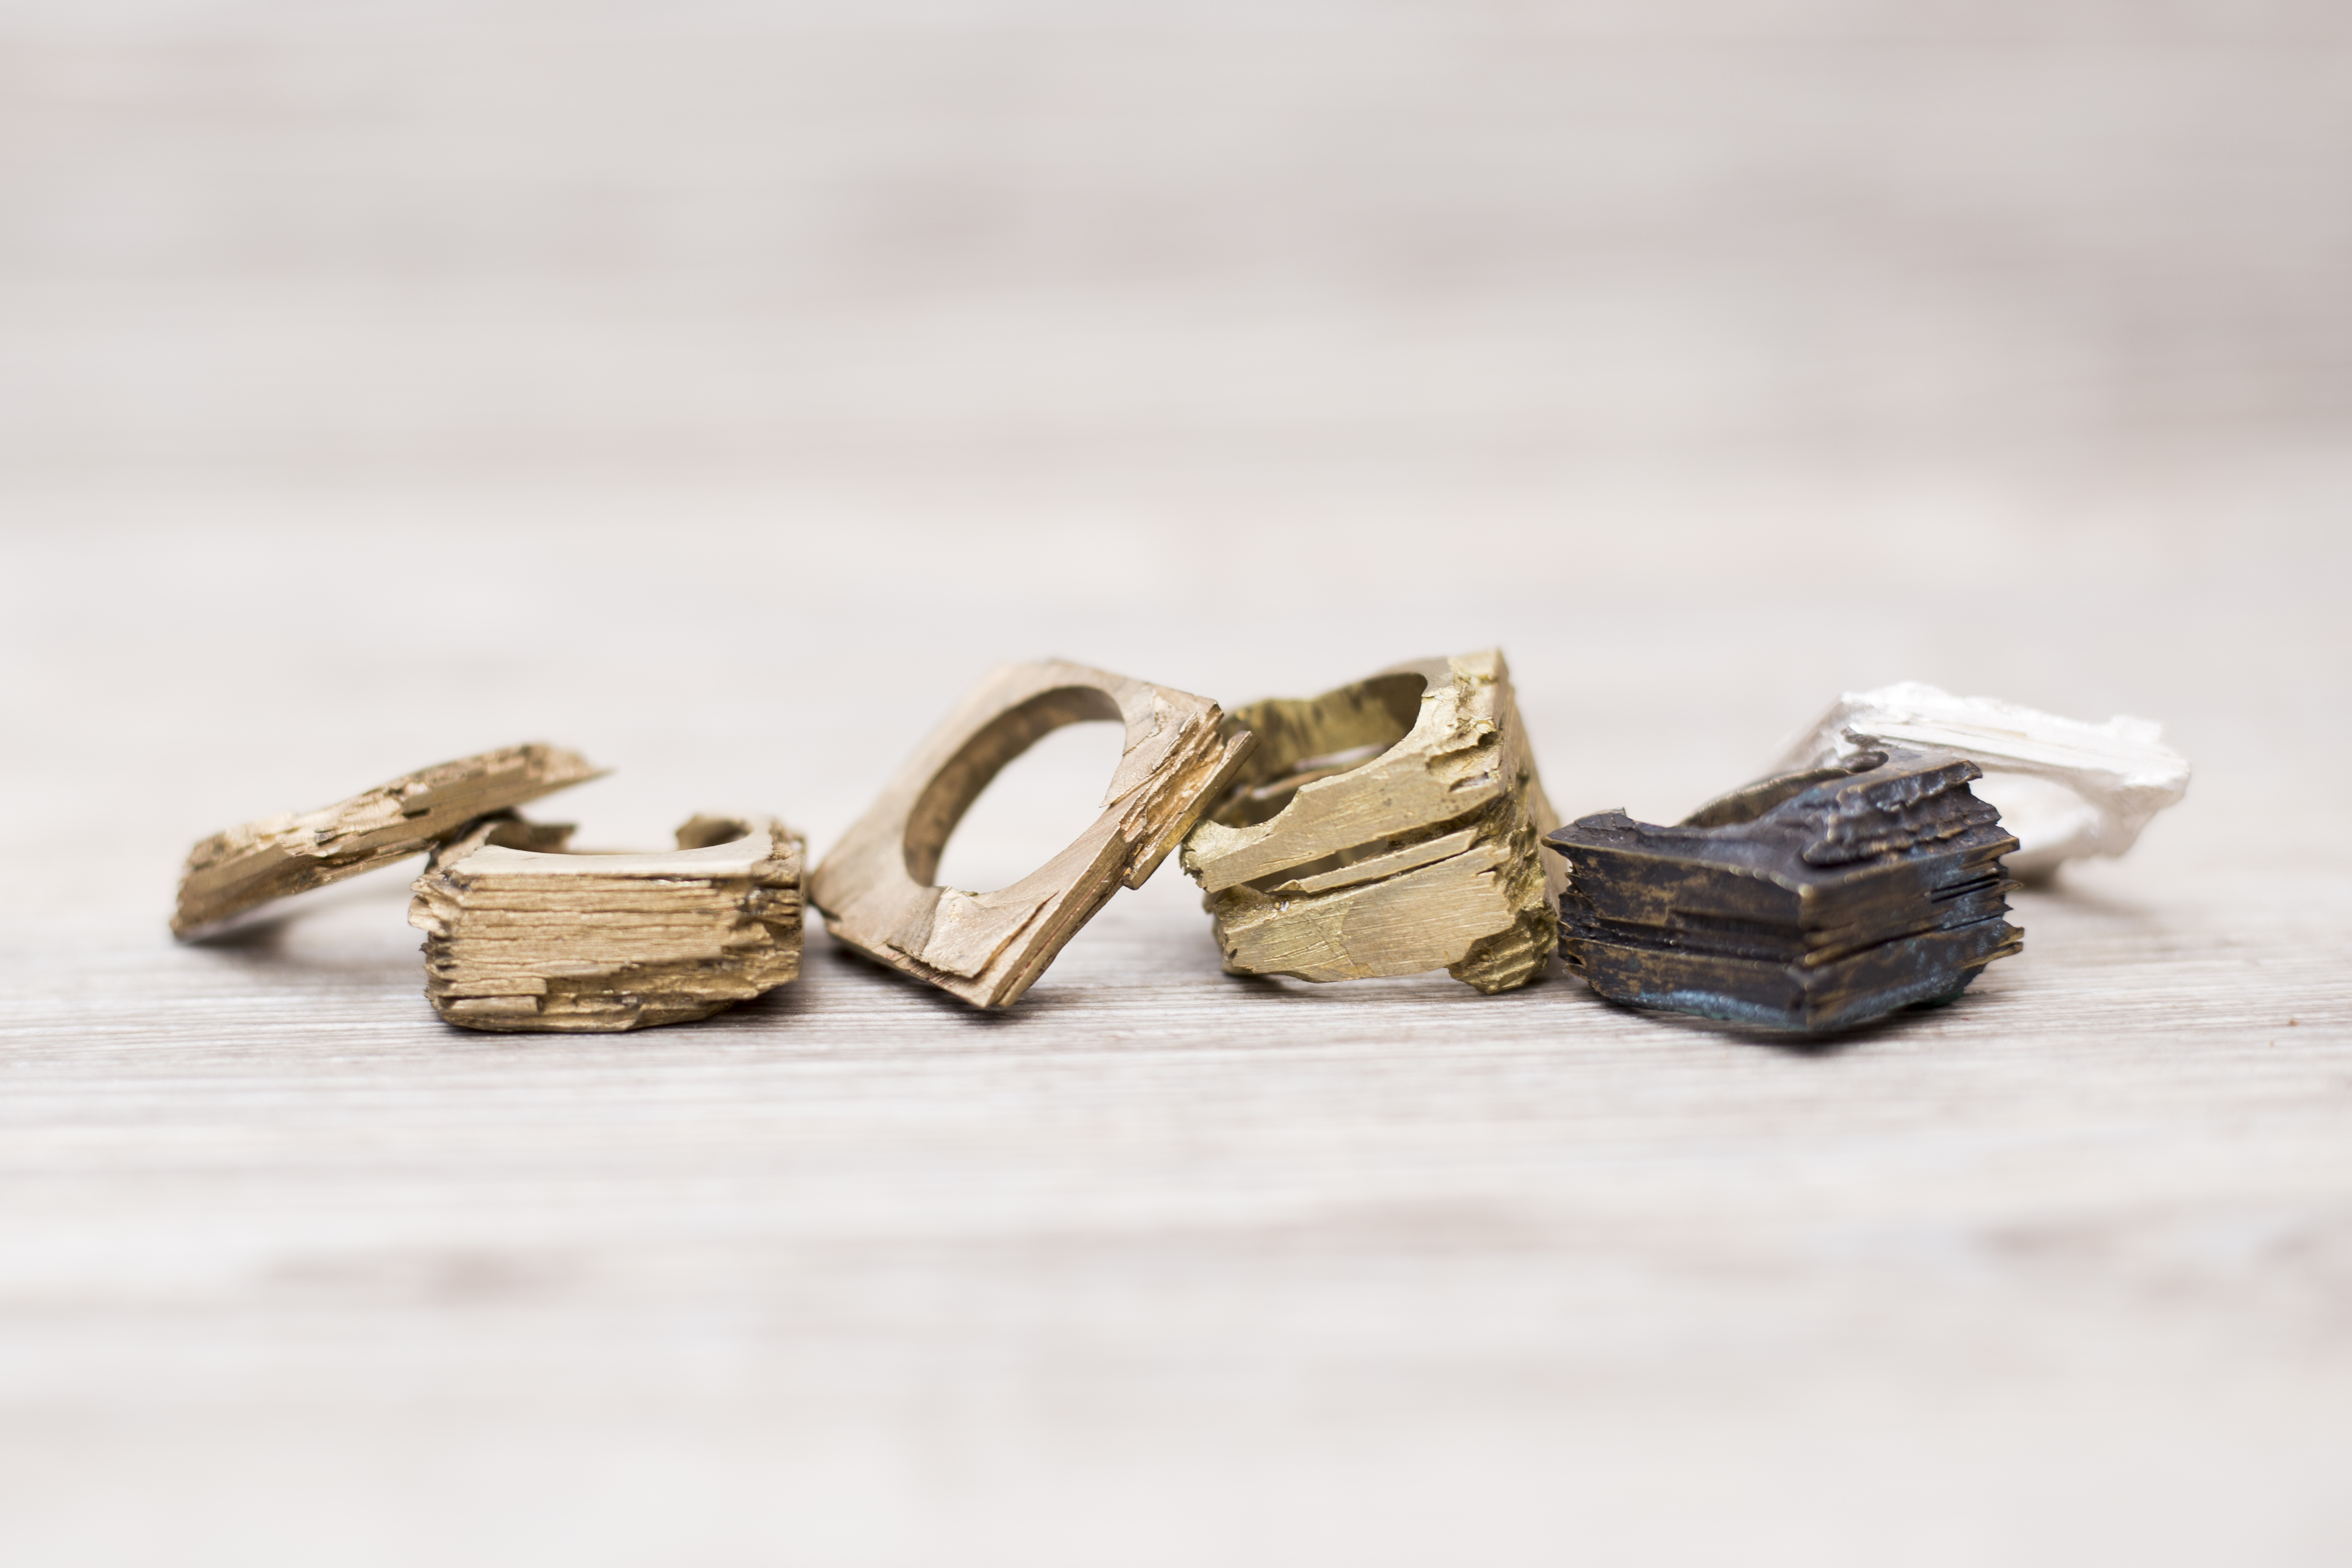 Slate rings by Kristy bujanic